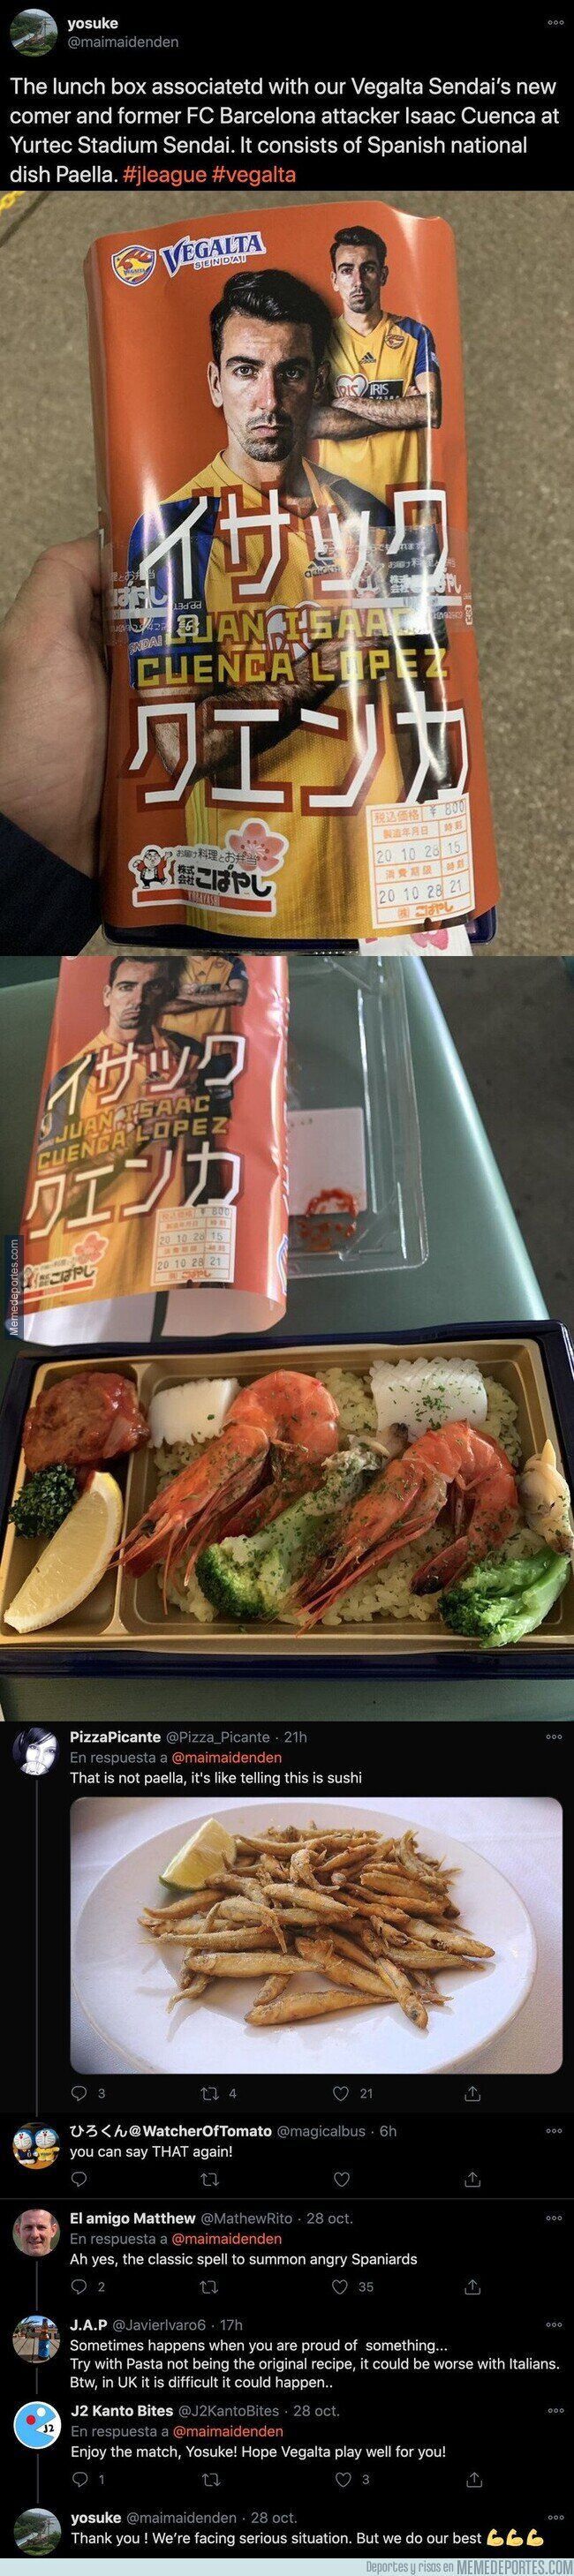 1119283 - Todo el mundo se está riendo por el producto de alimentación que Isaac Cuenca es imagen en Japón